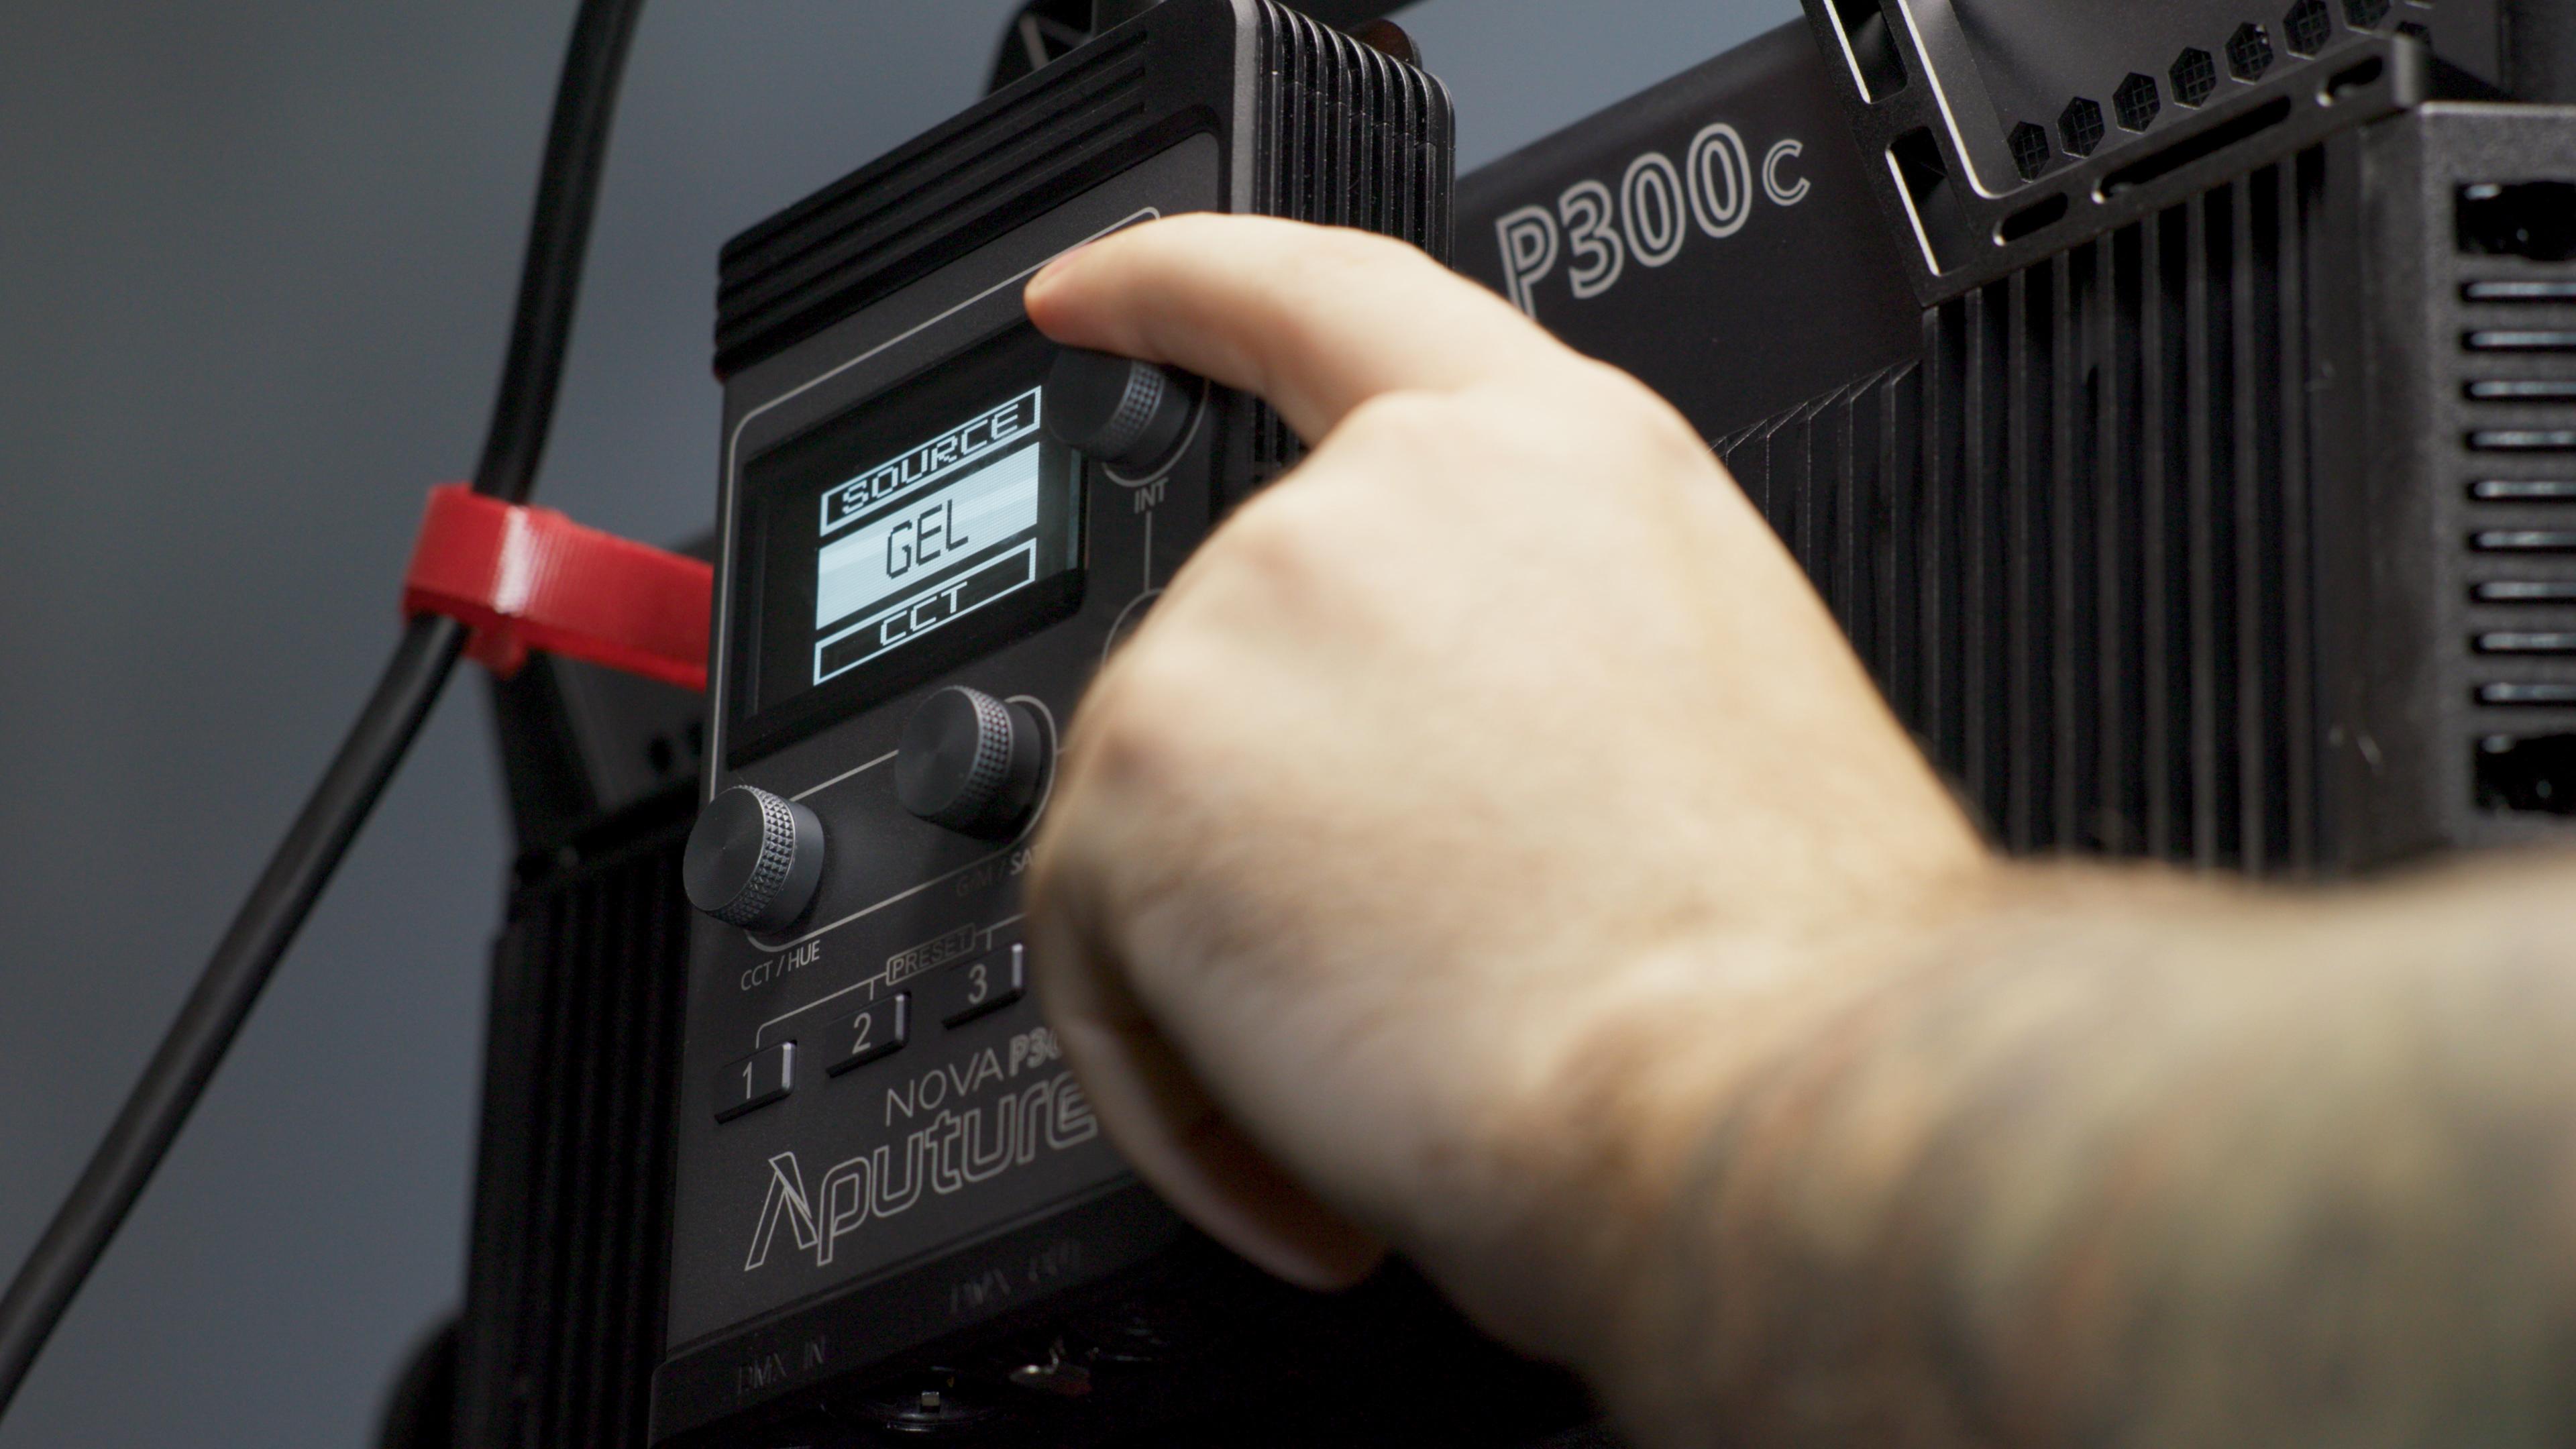 Aputure Nova P300c LED Panel // Tool Talk 29